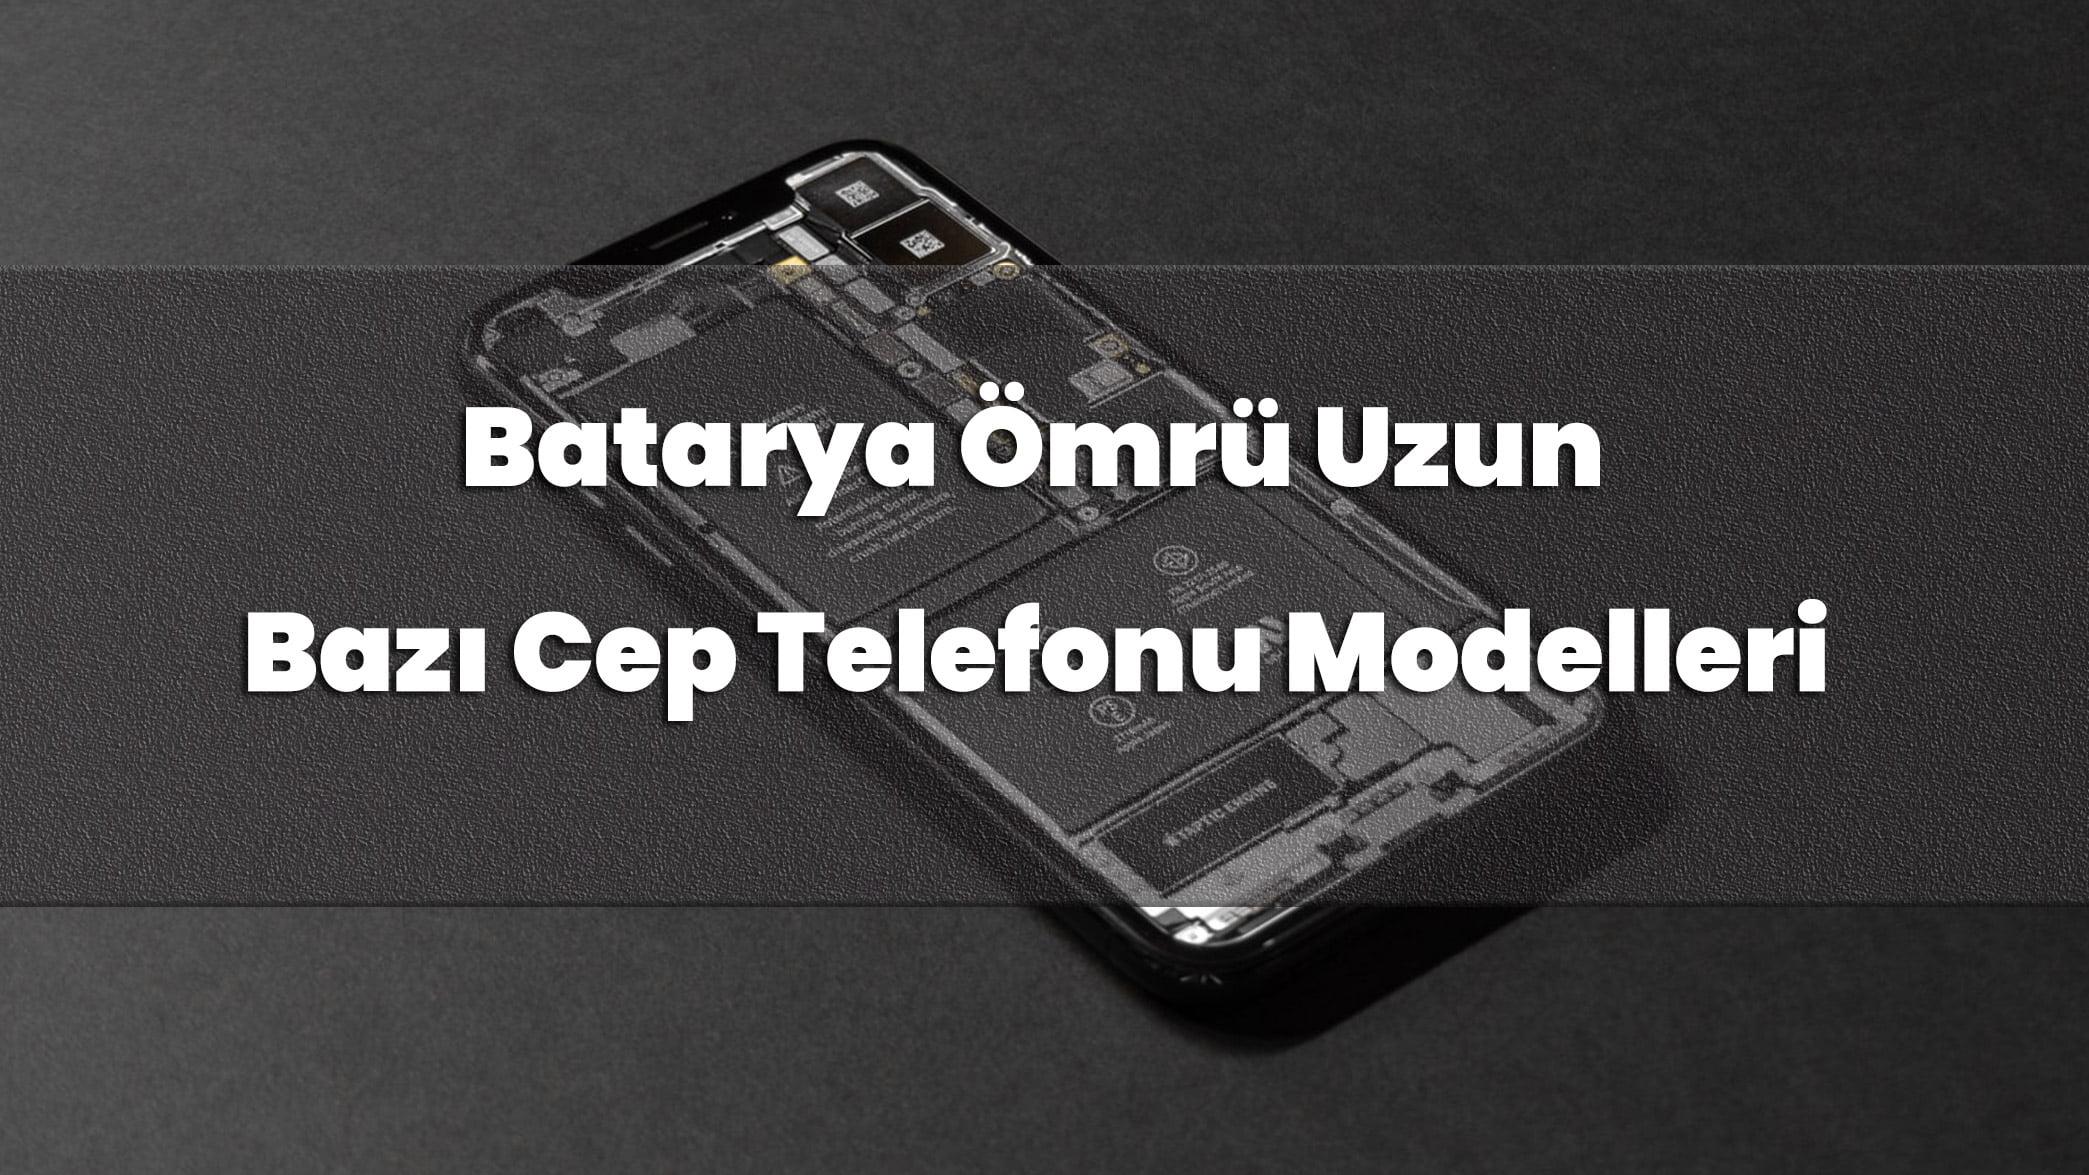 Batarya Ömrü Uzun Bazı Cep Telefonu Modelleri